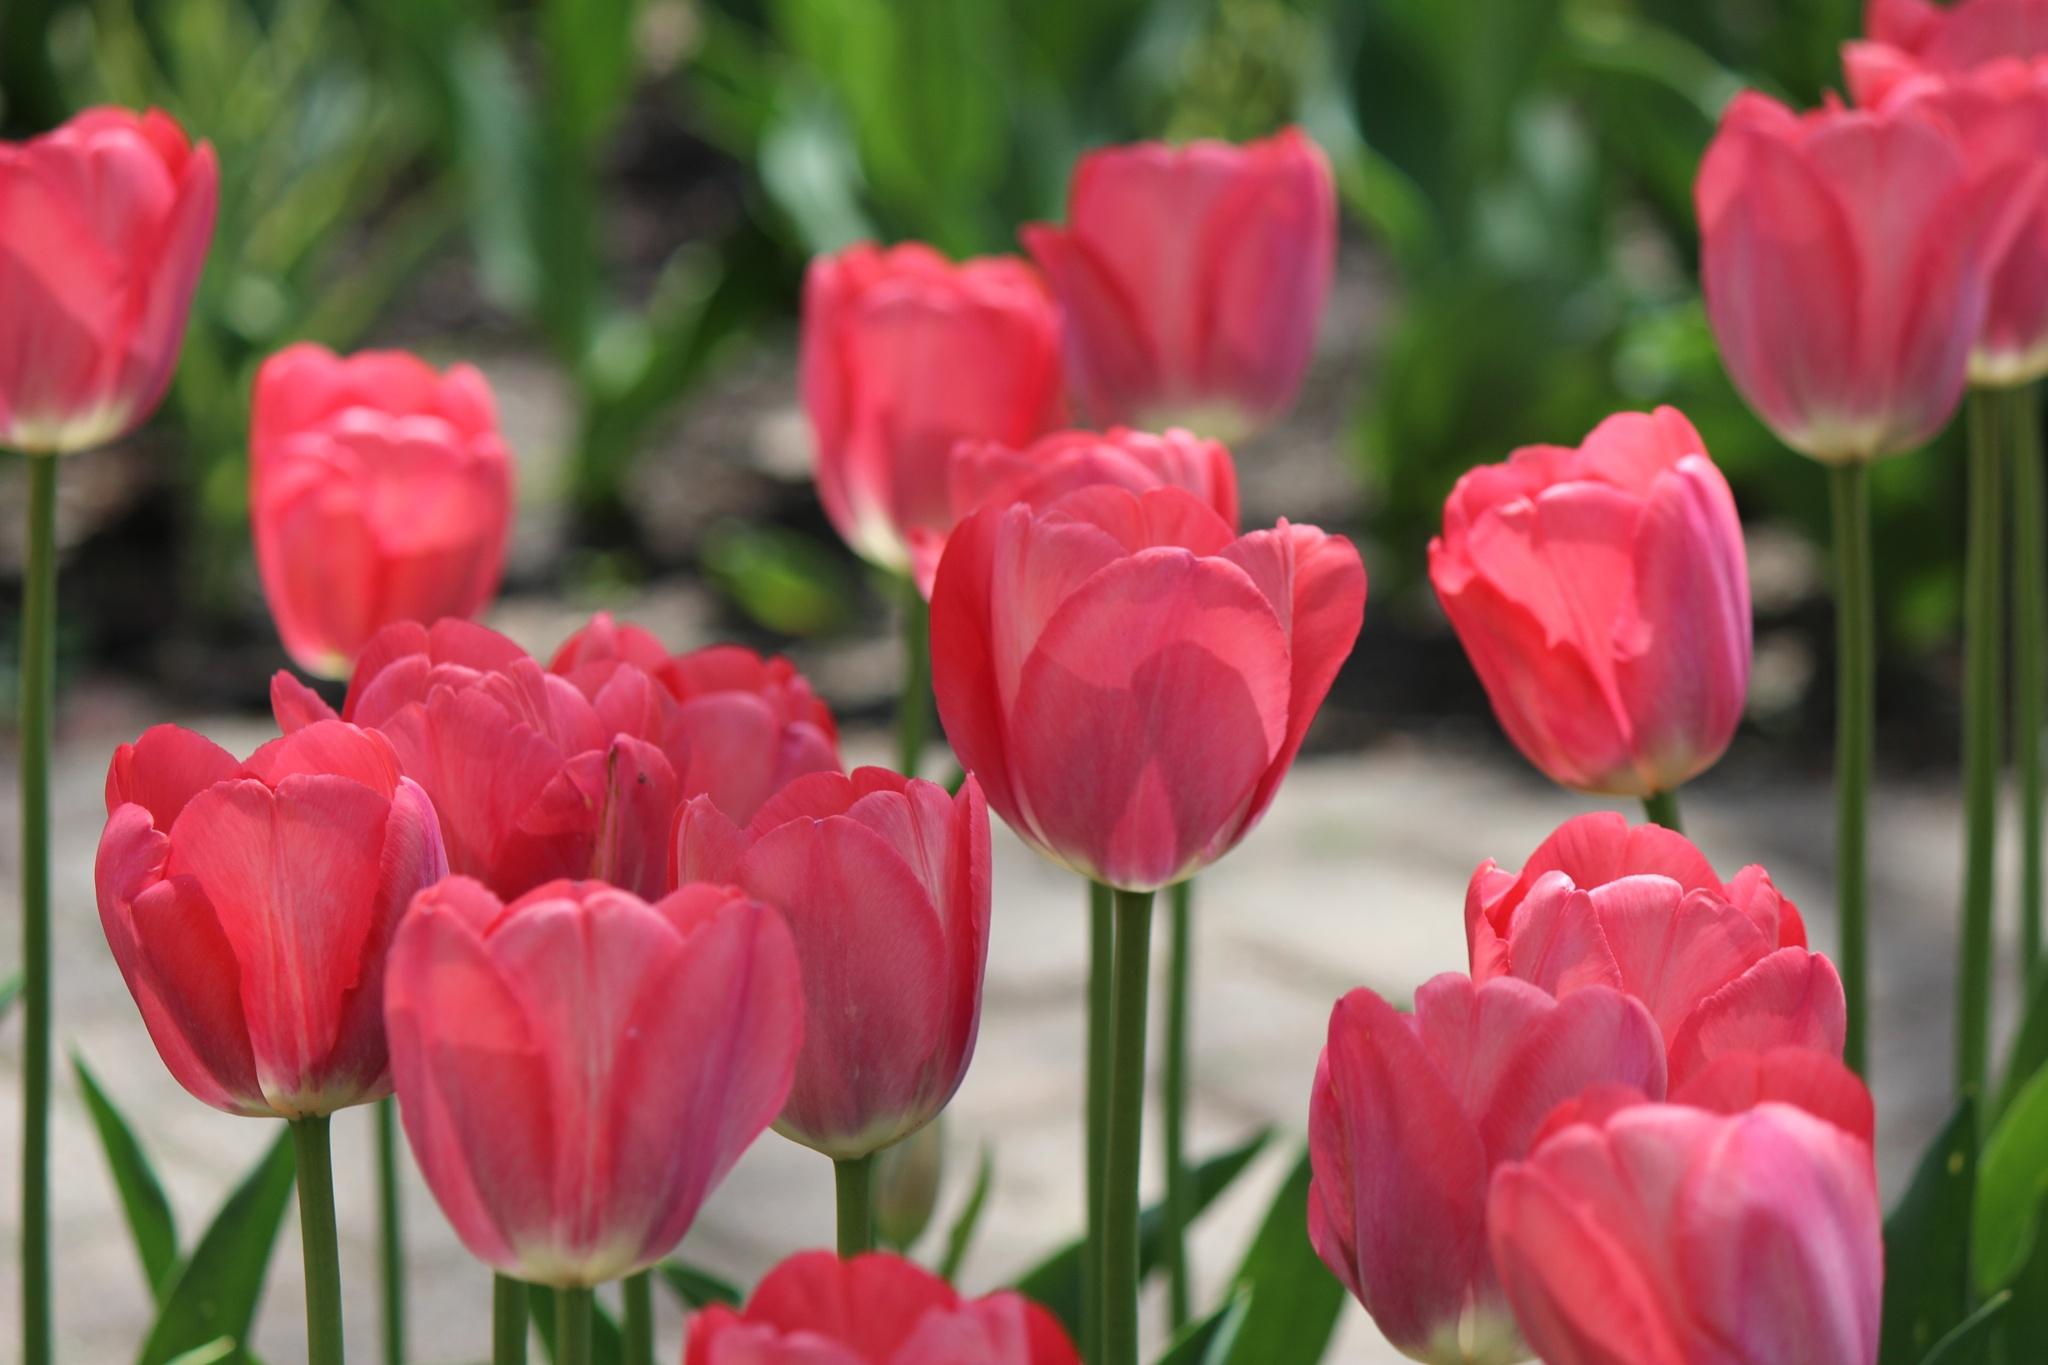 Tulip by Shabana